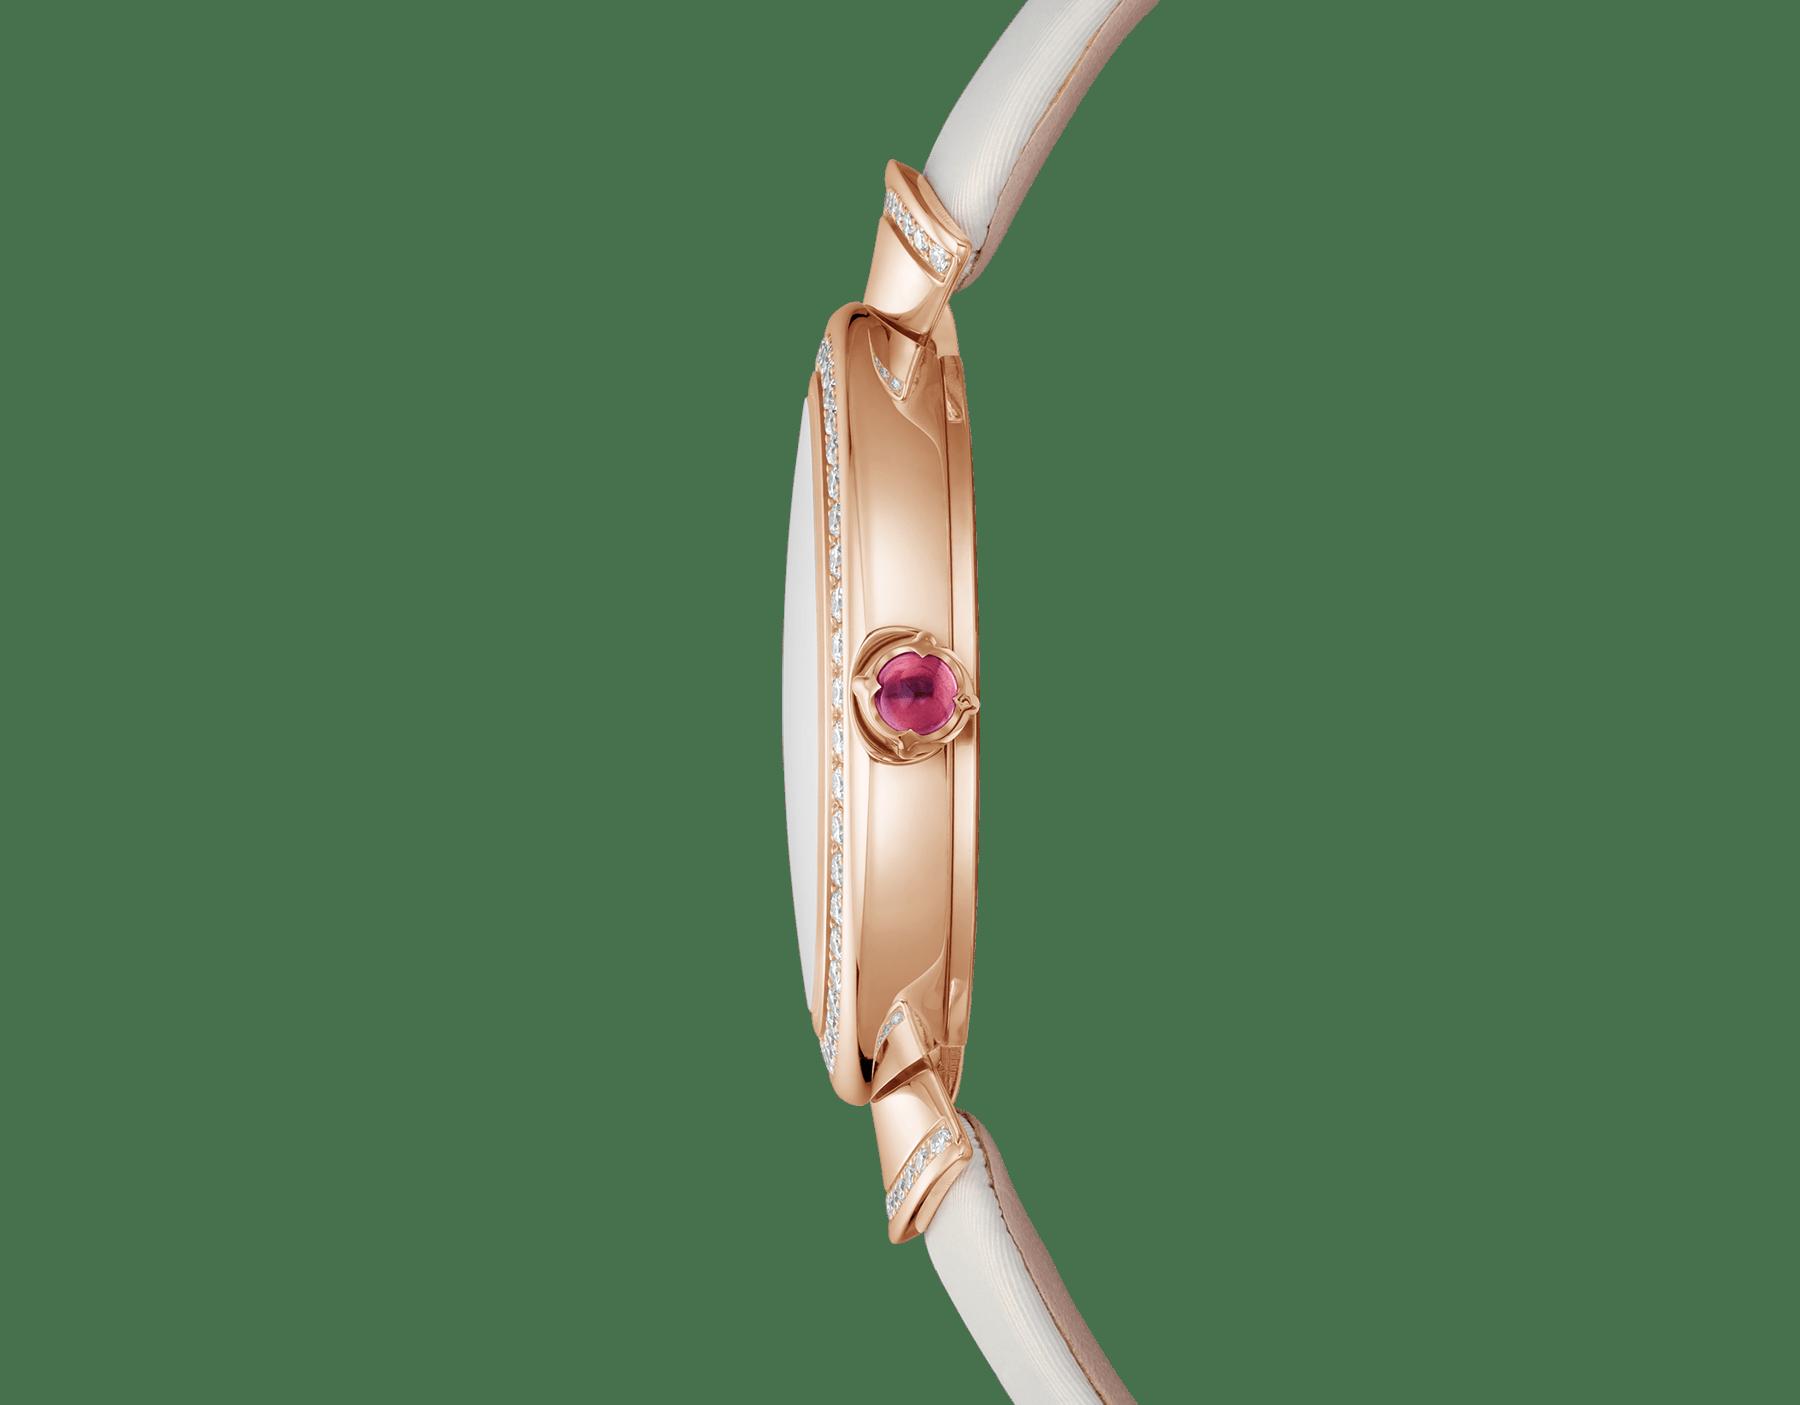 Montre DIVAS' DREAM avec boîtier en or rose 18K serti de diamants taille brillant, cadran en acétate naturel, index sertis de diamants et bracelet en satin blanc 102433 image 3